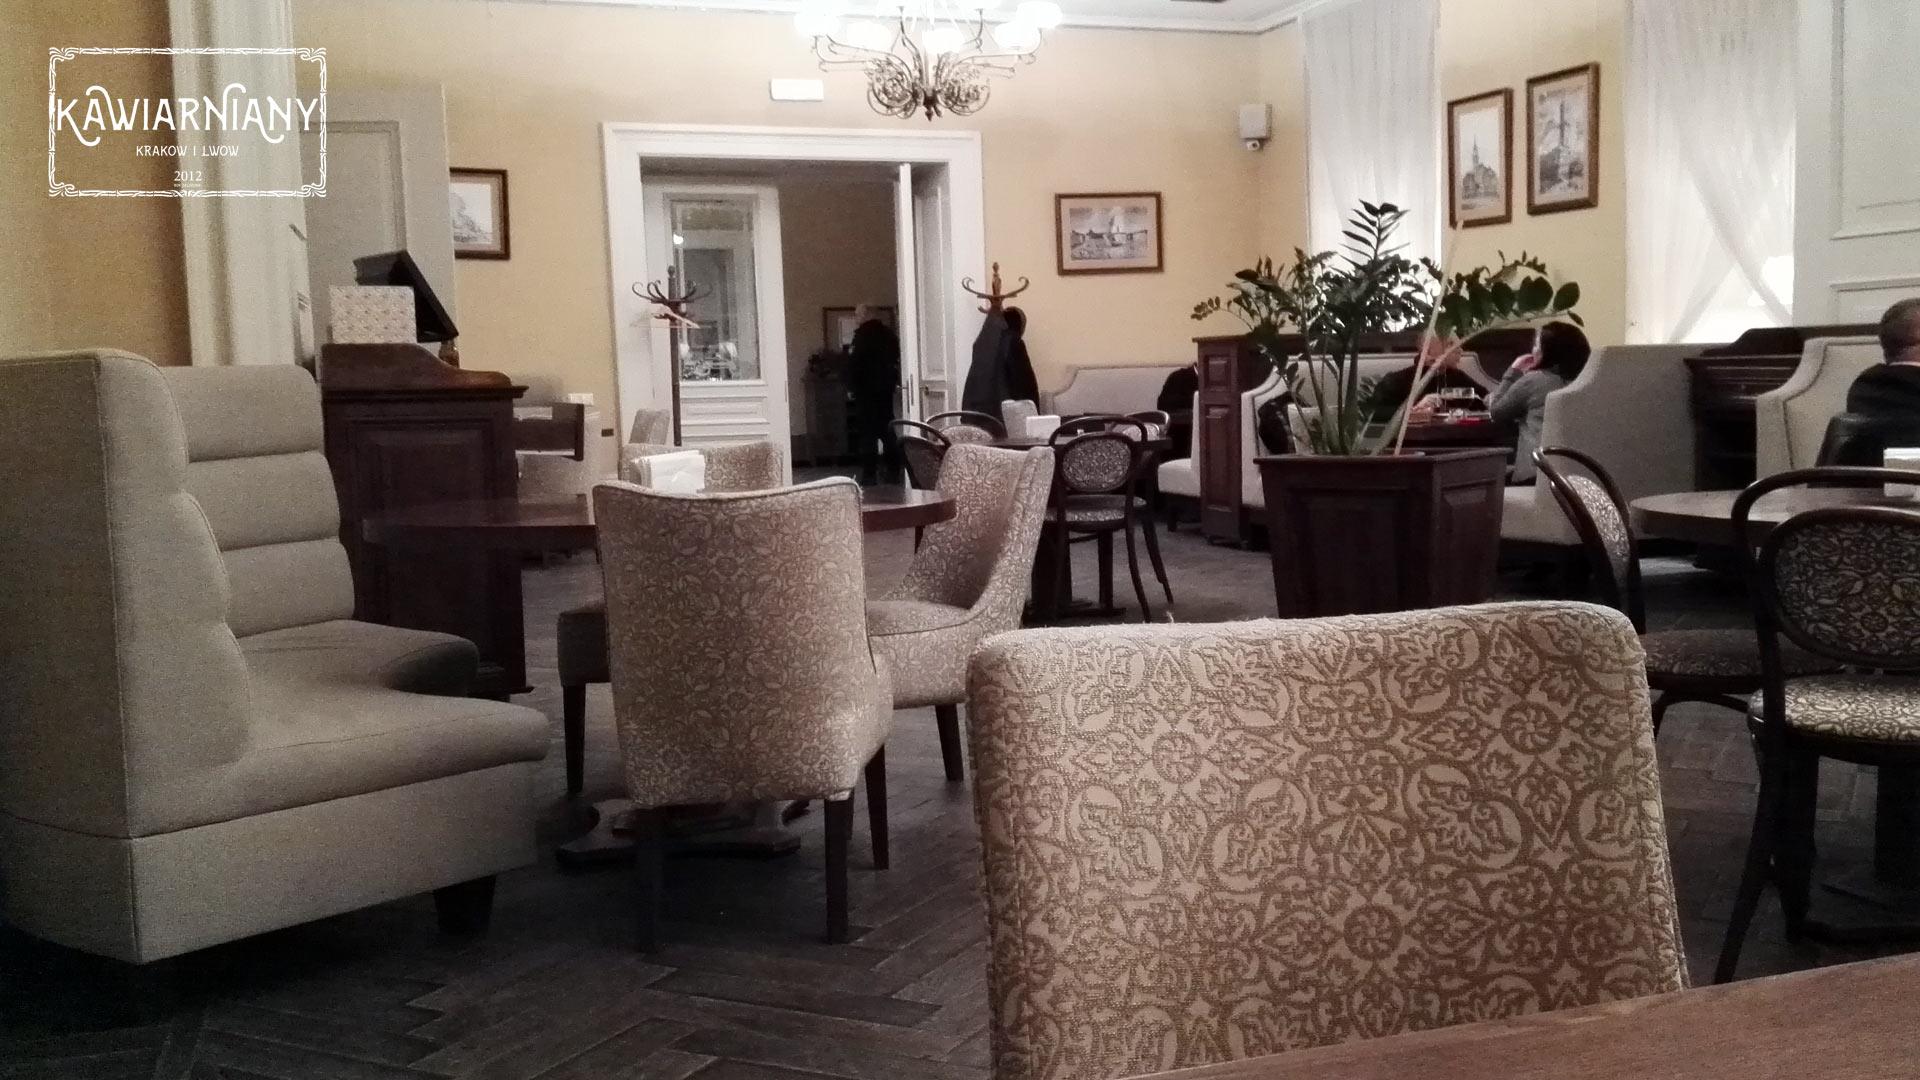 Kawiarnia Ratusz Lwów